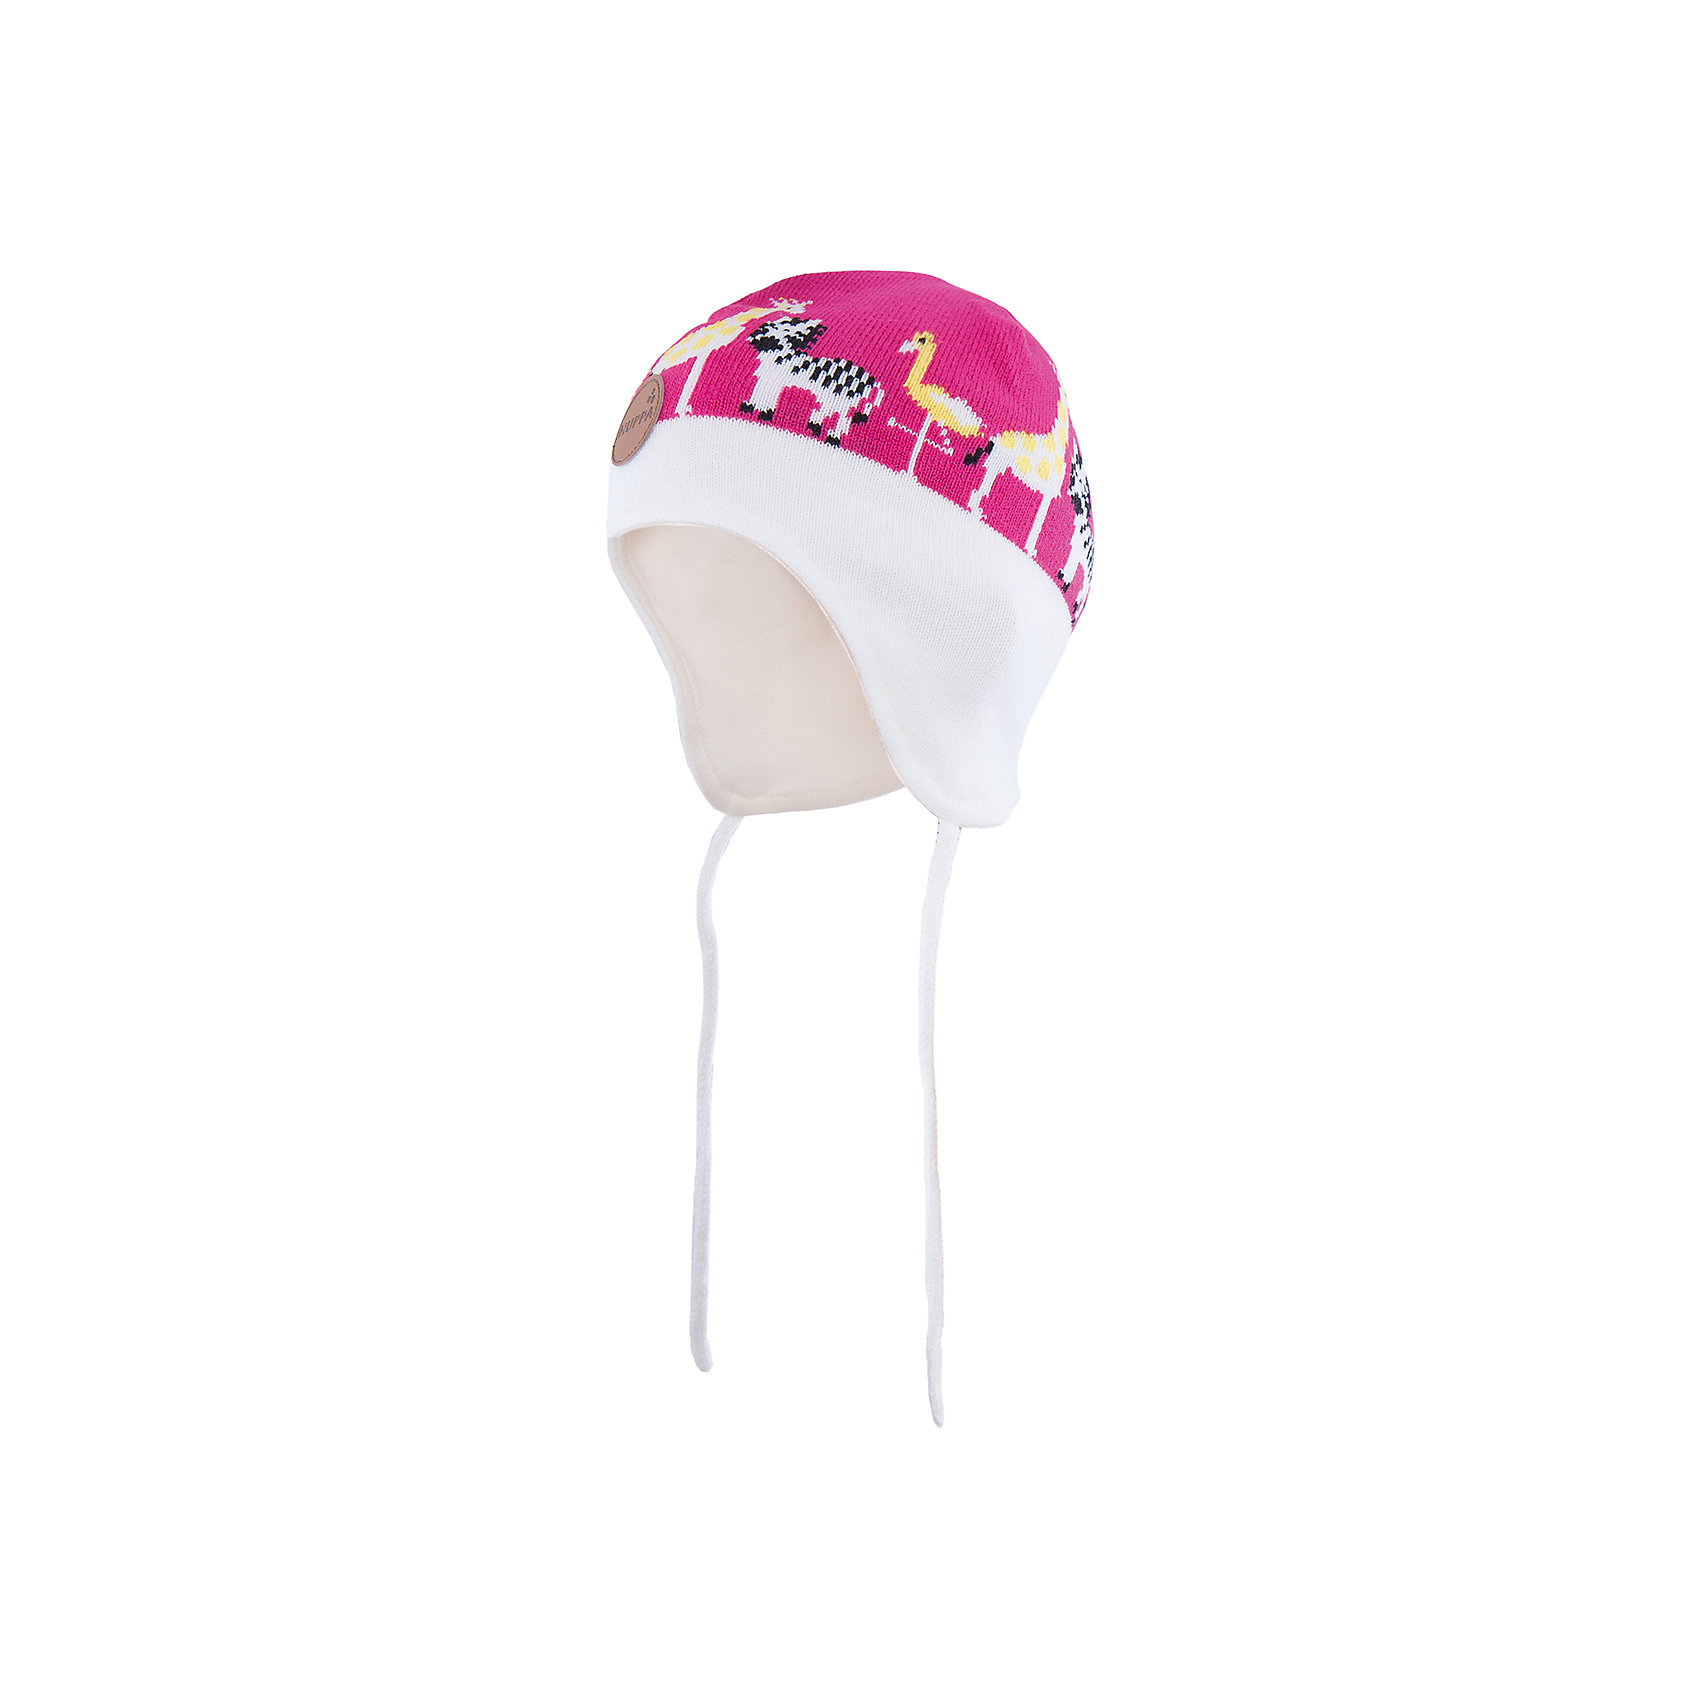 Шапка  HuppaДемисезонные<br>Стильная шапка Karro со зверюшками от Huppa(хуппа) изготовлена из акрила и прекрасно сохраняет тепло. Кроме того, она отлично закрывает уши и не даст ребенку замерзнуть, даже в мороз!<br><br>Дополнительная информация:<br>Цвет: белый/розовый<br>Состав: 100% акрил<br>Подкладка: трикотаж - 100% хлопок<br><br>Шапку от Huppa(хуппа) вы можете приобрести в нашем интернет-магазине.<br><br>Ширина мм: 89<br>Глубина мм: 117<br>Высота мм: 44<br>Вес г: 155<br>Цвет: розовый<br>Возраст от месяцев: 12<br>Возраст до месяцев: 24<br>Пол: Женский<br>Возраст: Детский<br>Размер: 47-49,43-45,51-53<br>SKU: 4923505